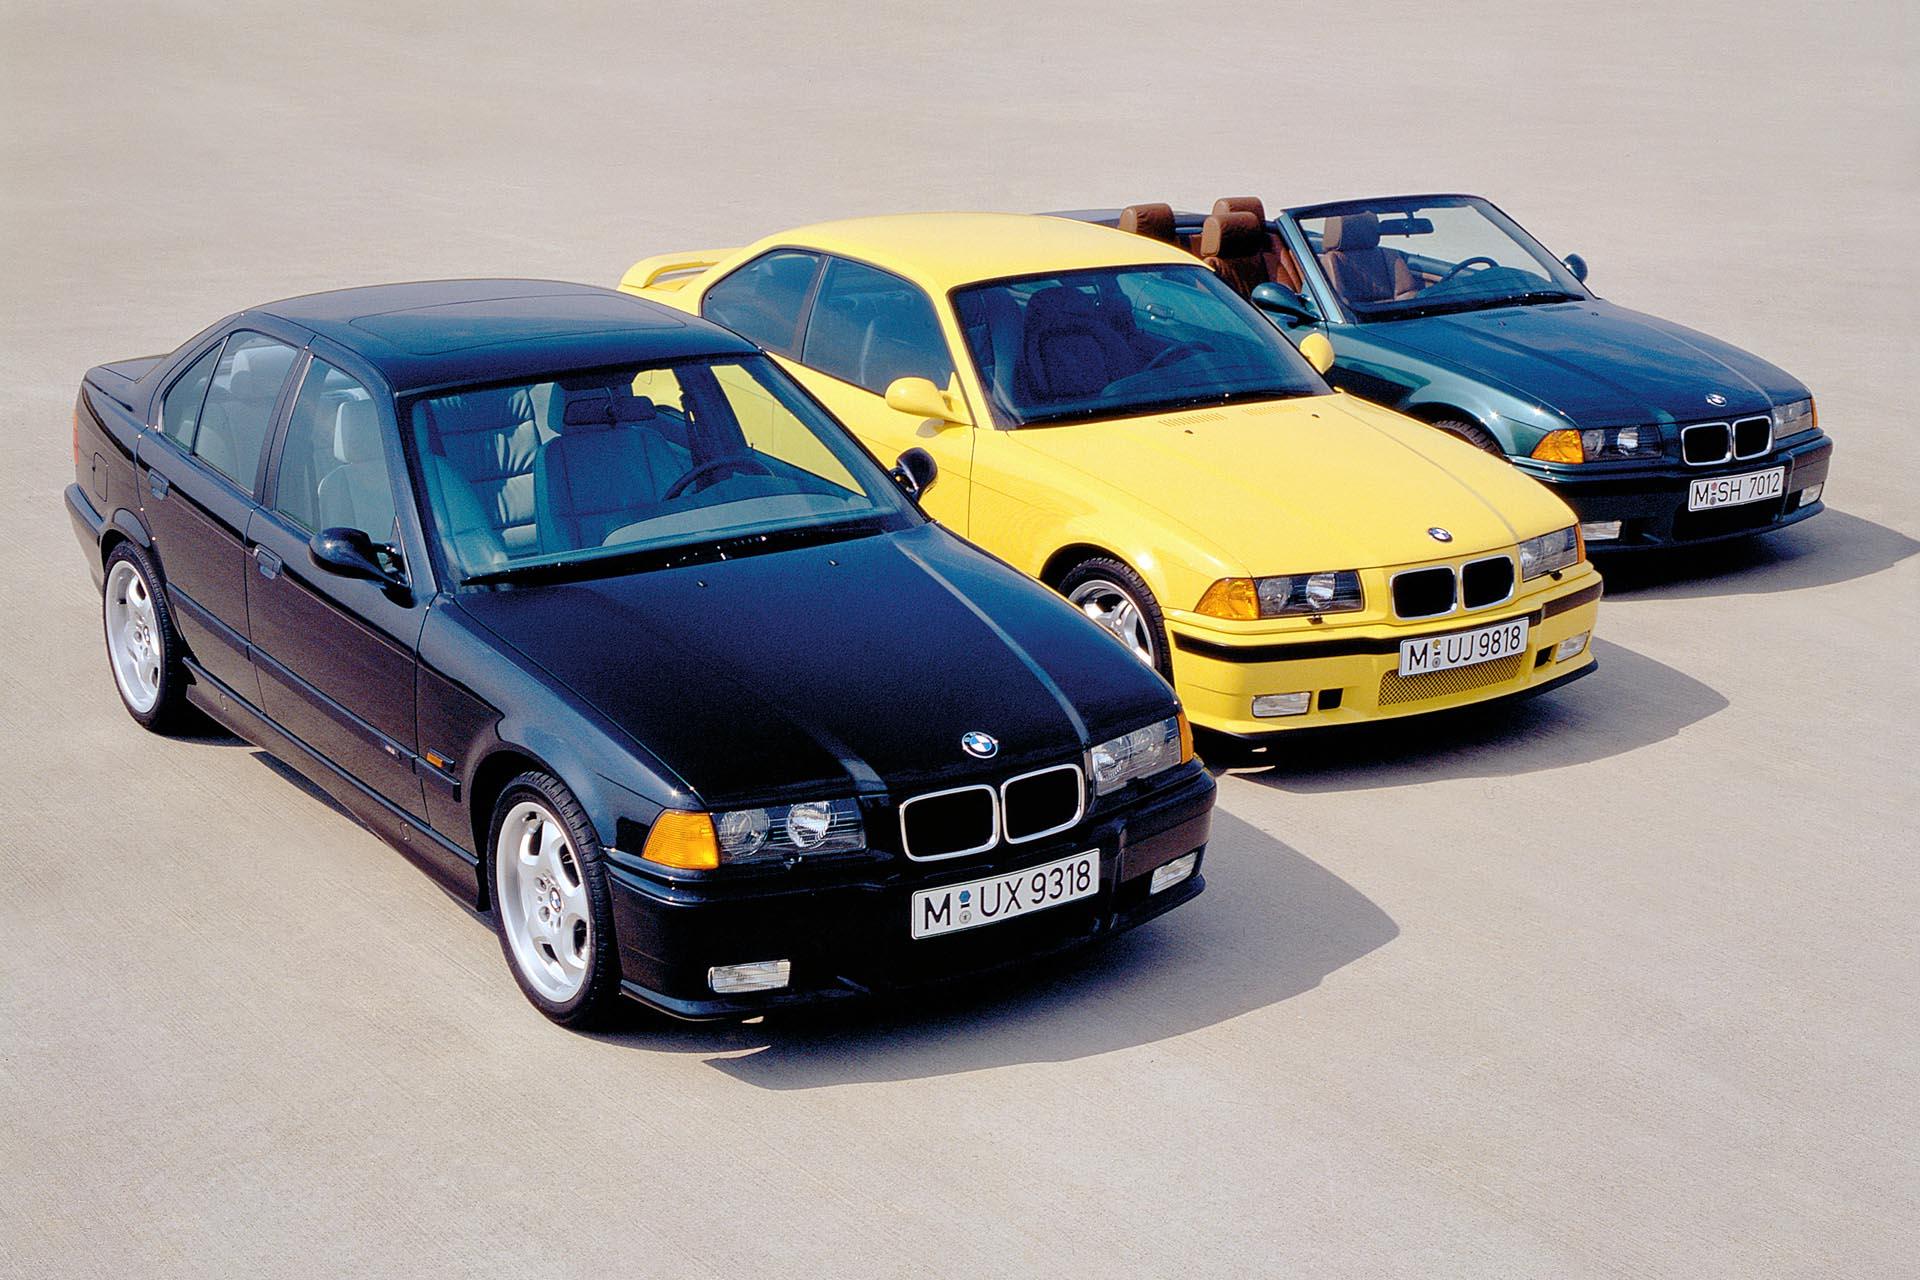 left to right: sedan, coupe, cabrio